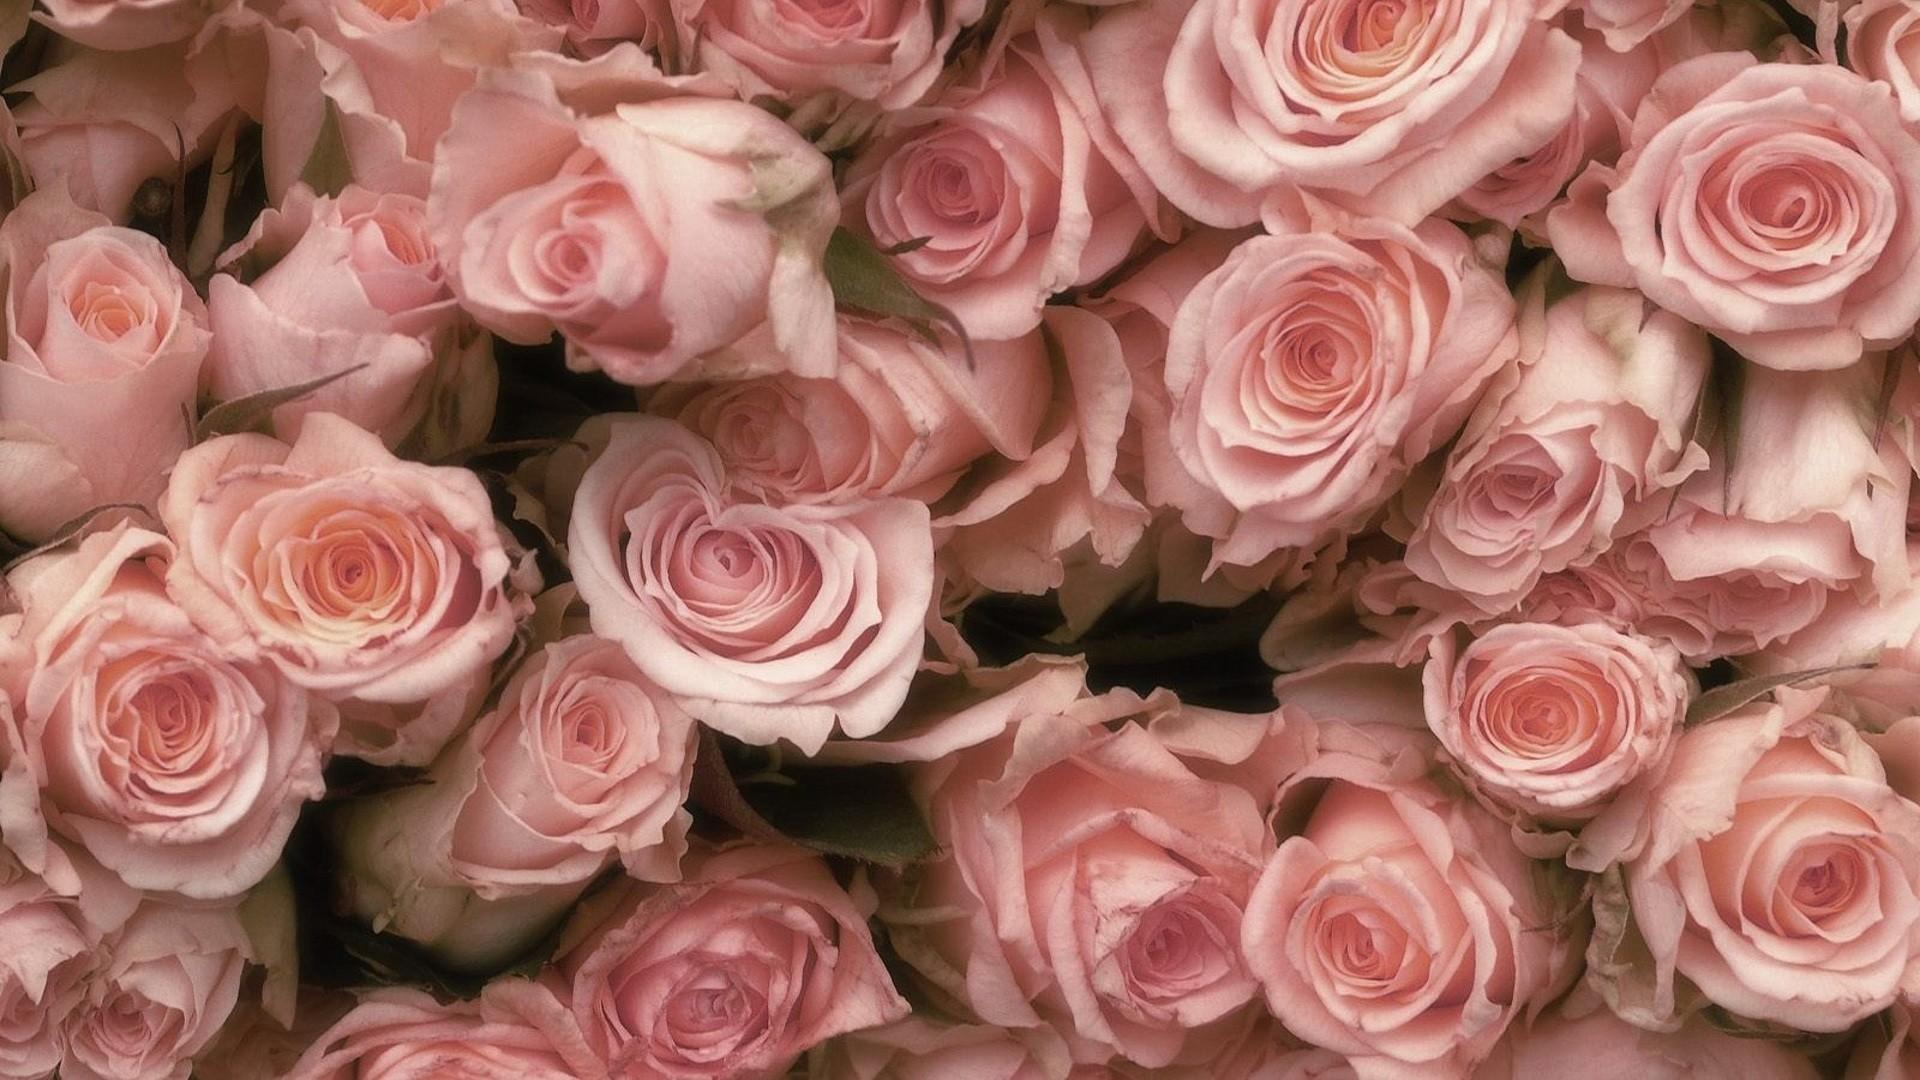 Pink Rose Wallpaper image hd